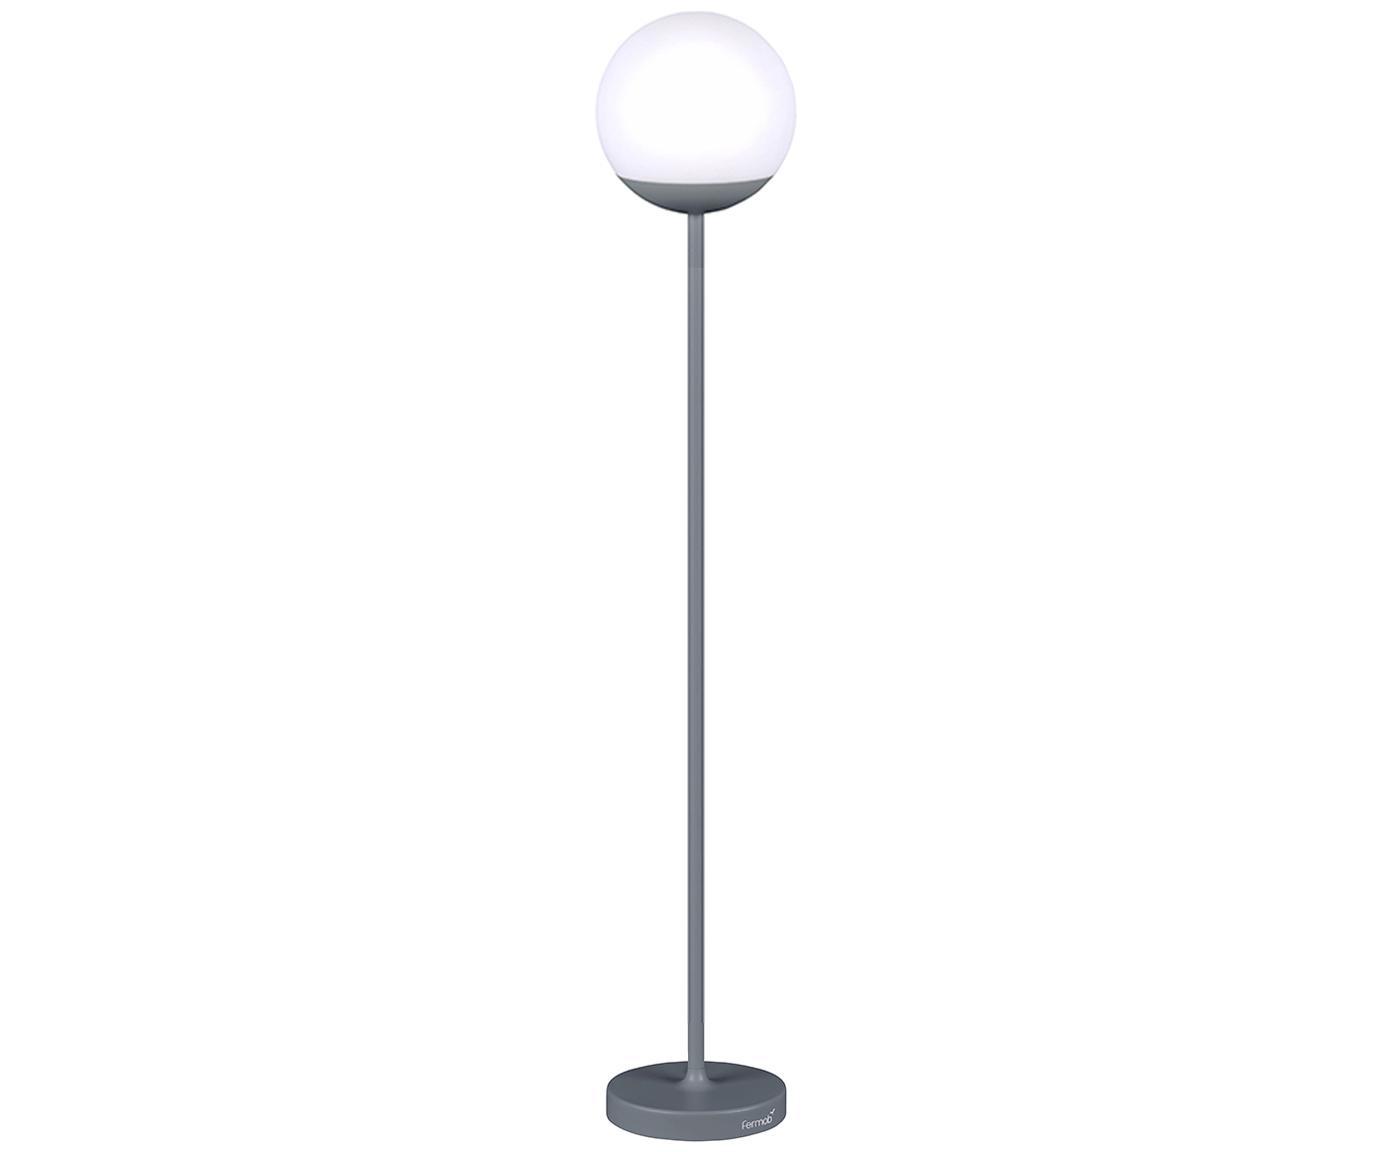 Mobile LED Außenleuchte Mooon, Lampenschirm: Kunststoff, Gewittergrau, Ø 25 x H 134 cm